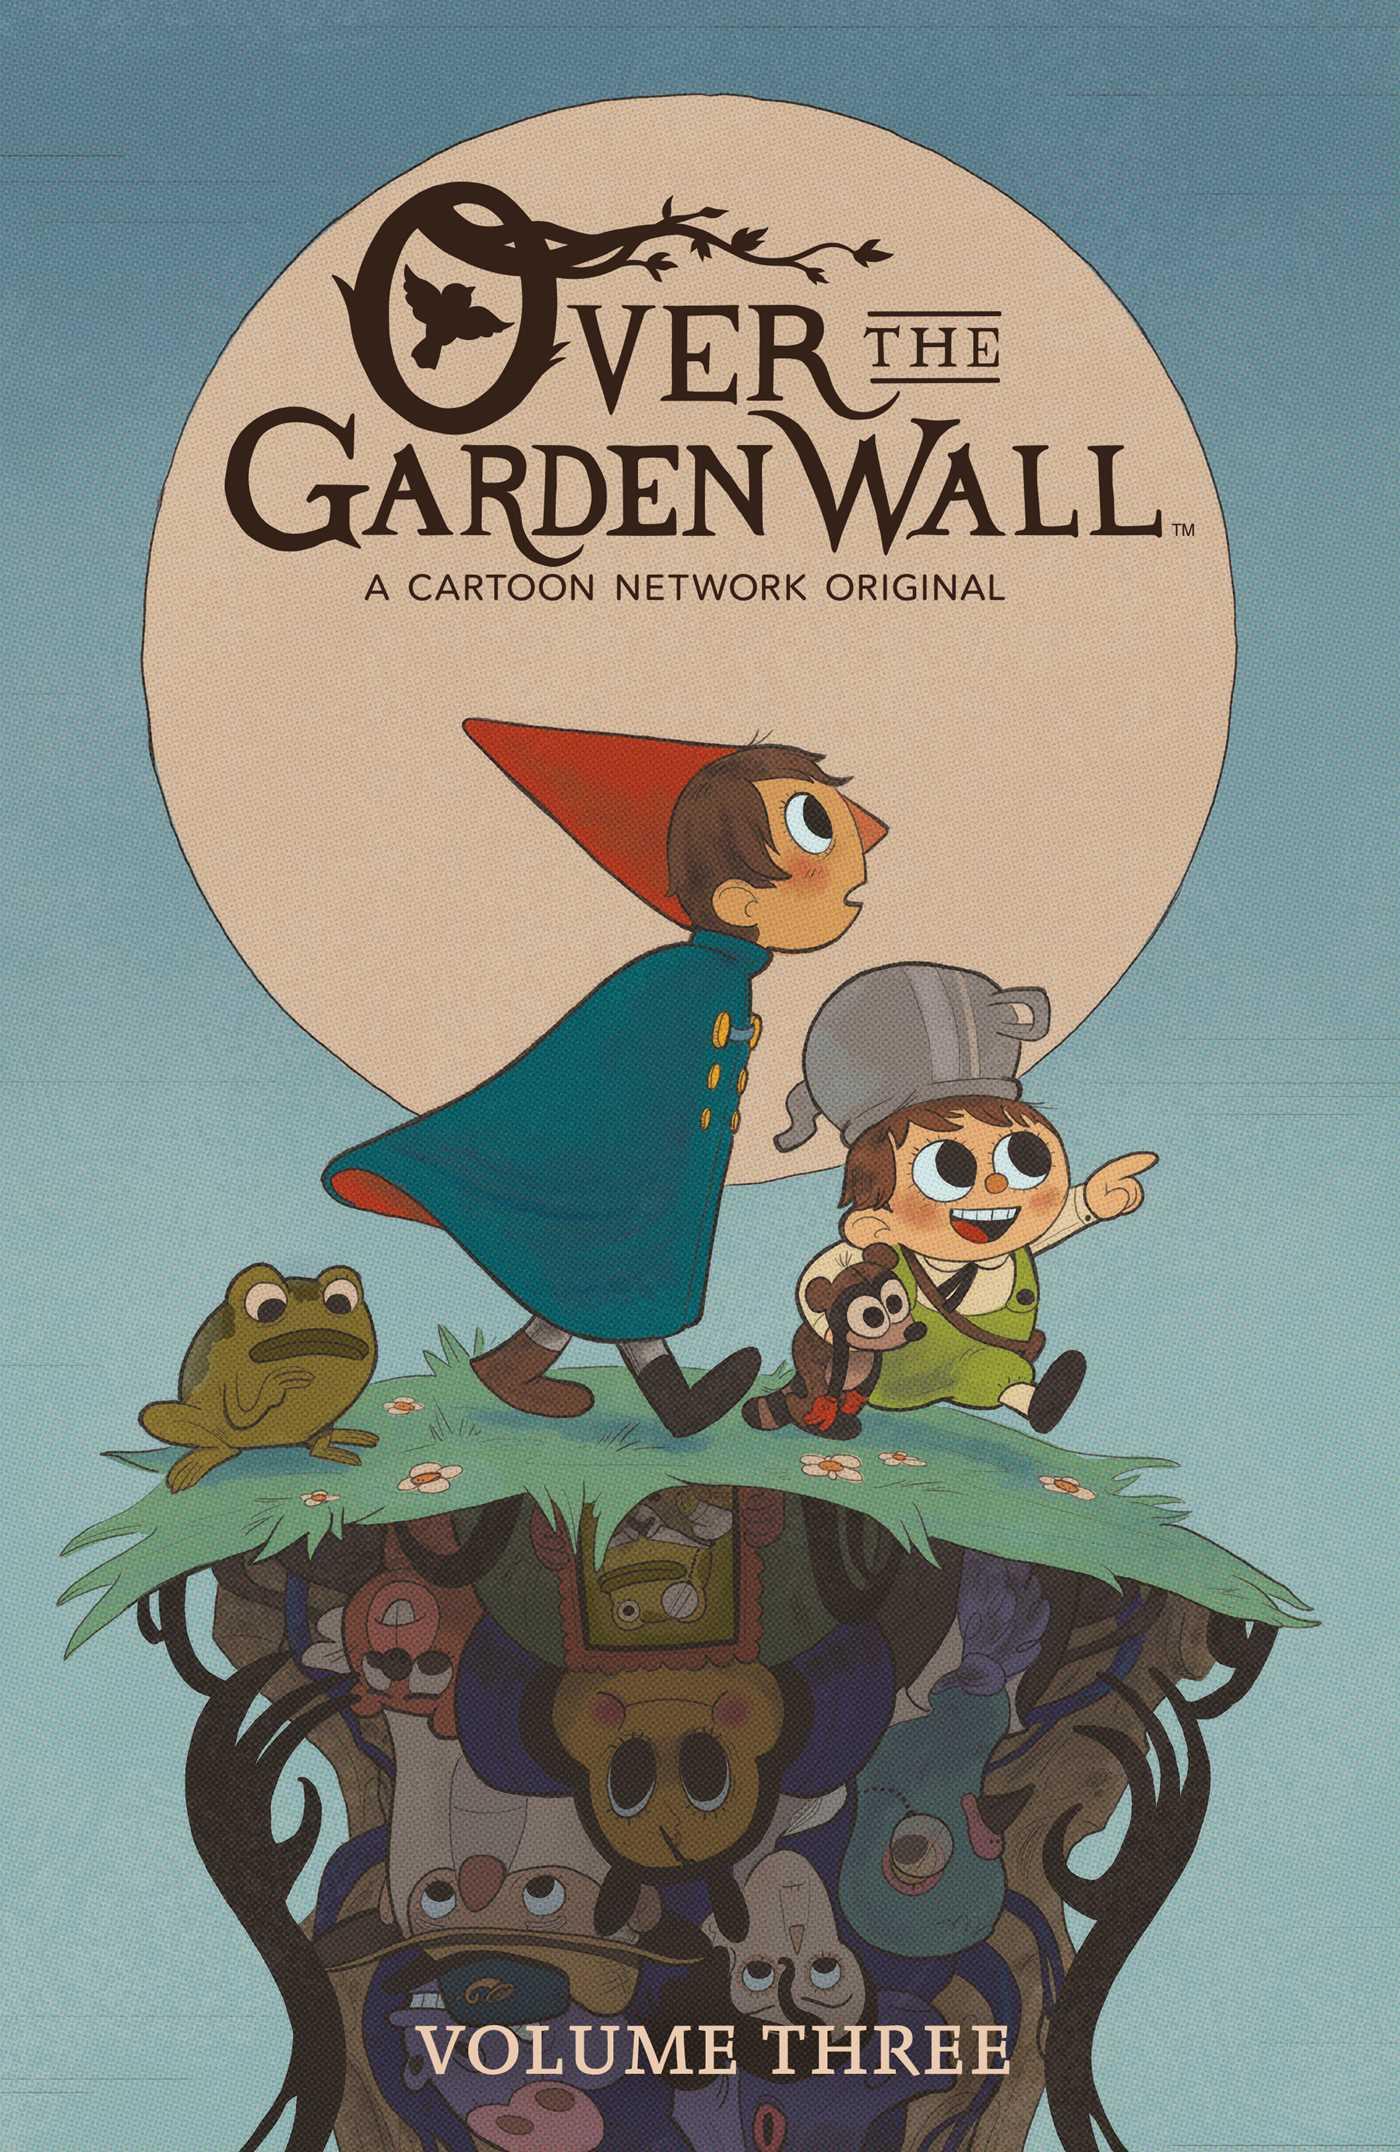 Over The Garden Wall Vol 3 Book By Jim Campbell Kiernan Sjursen